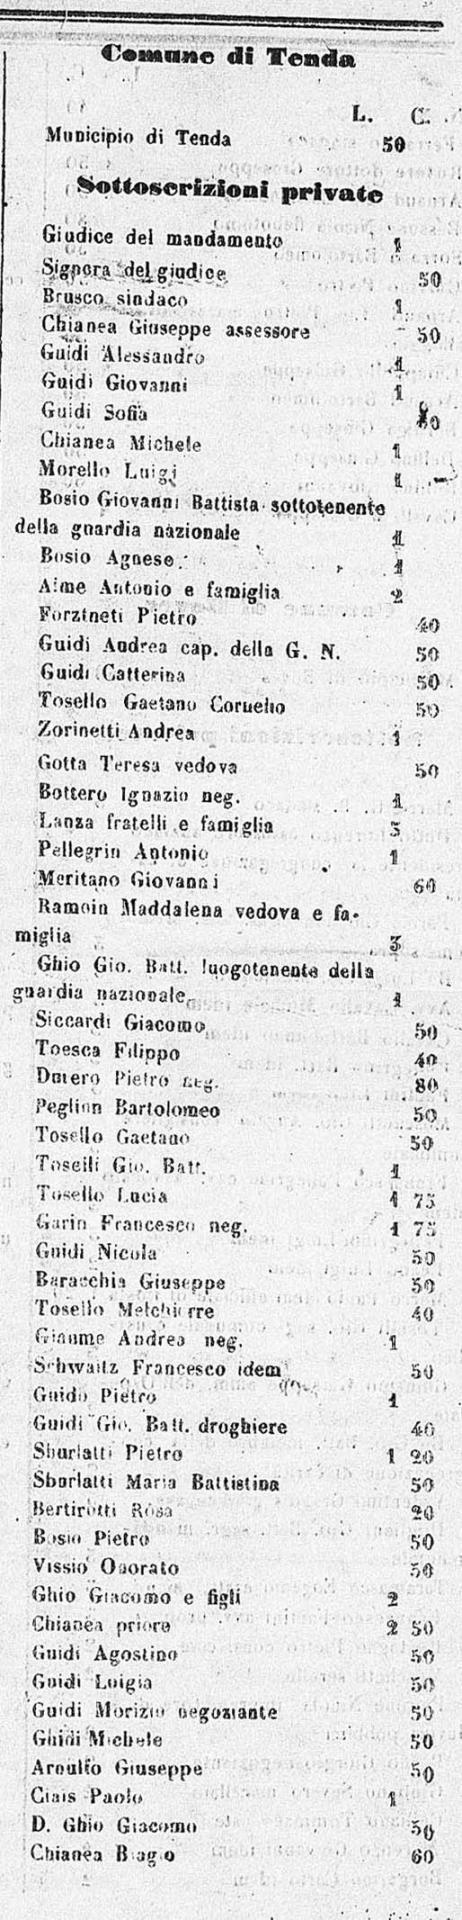 305 a du 31 12 1863